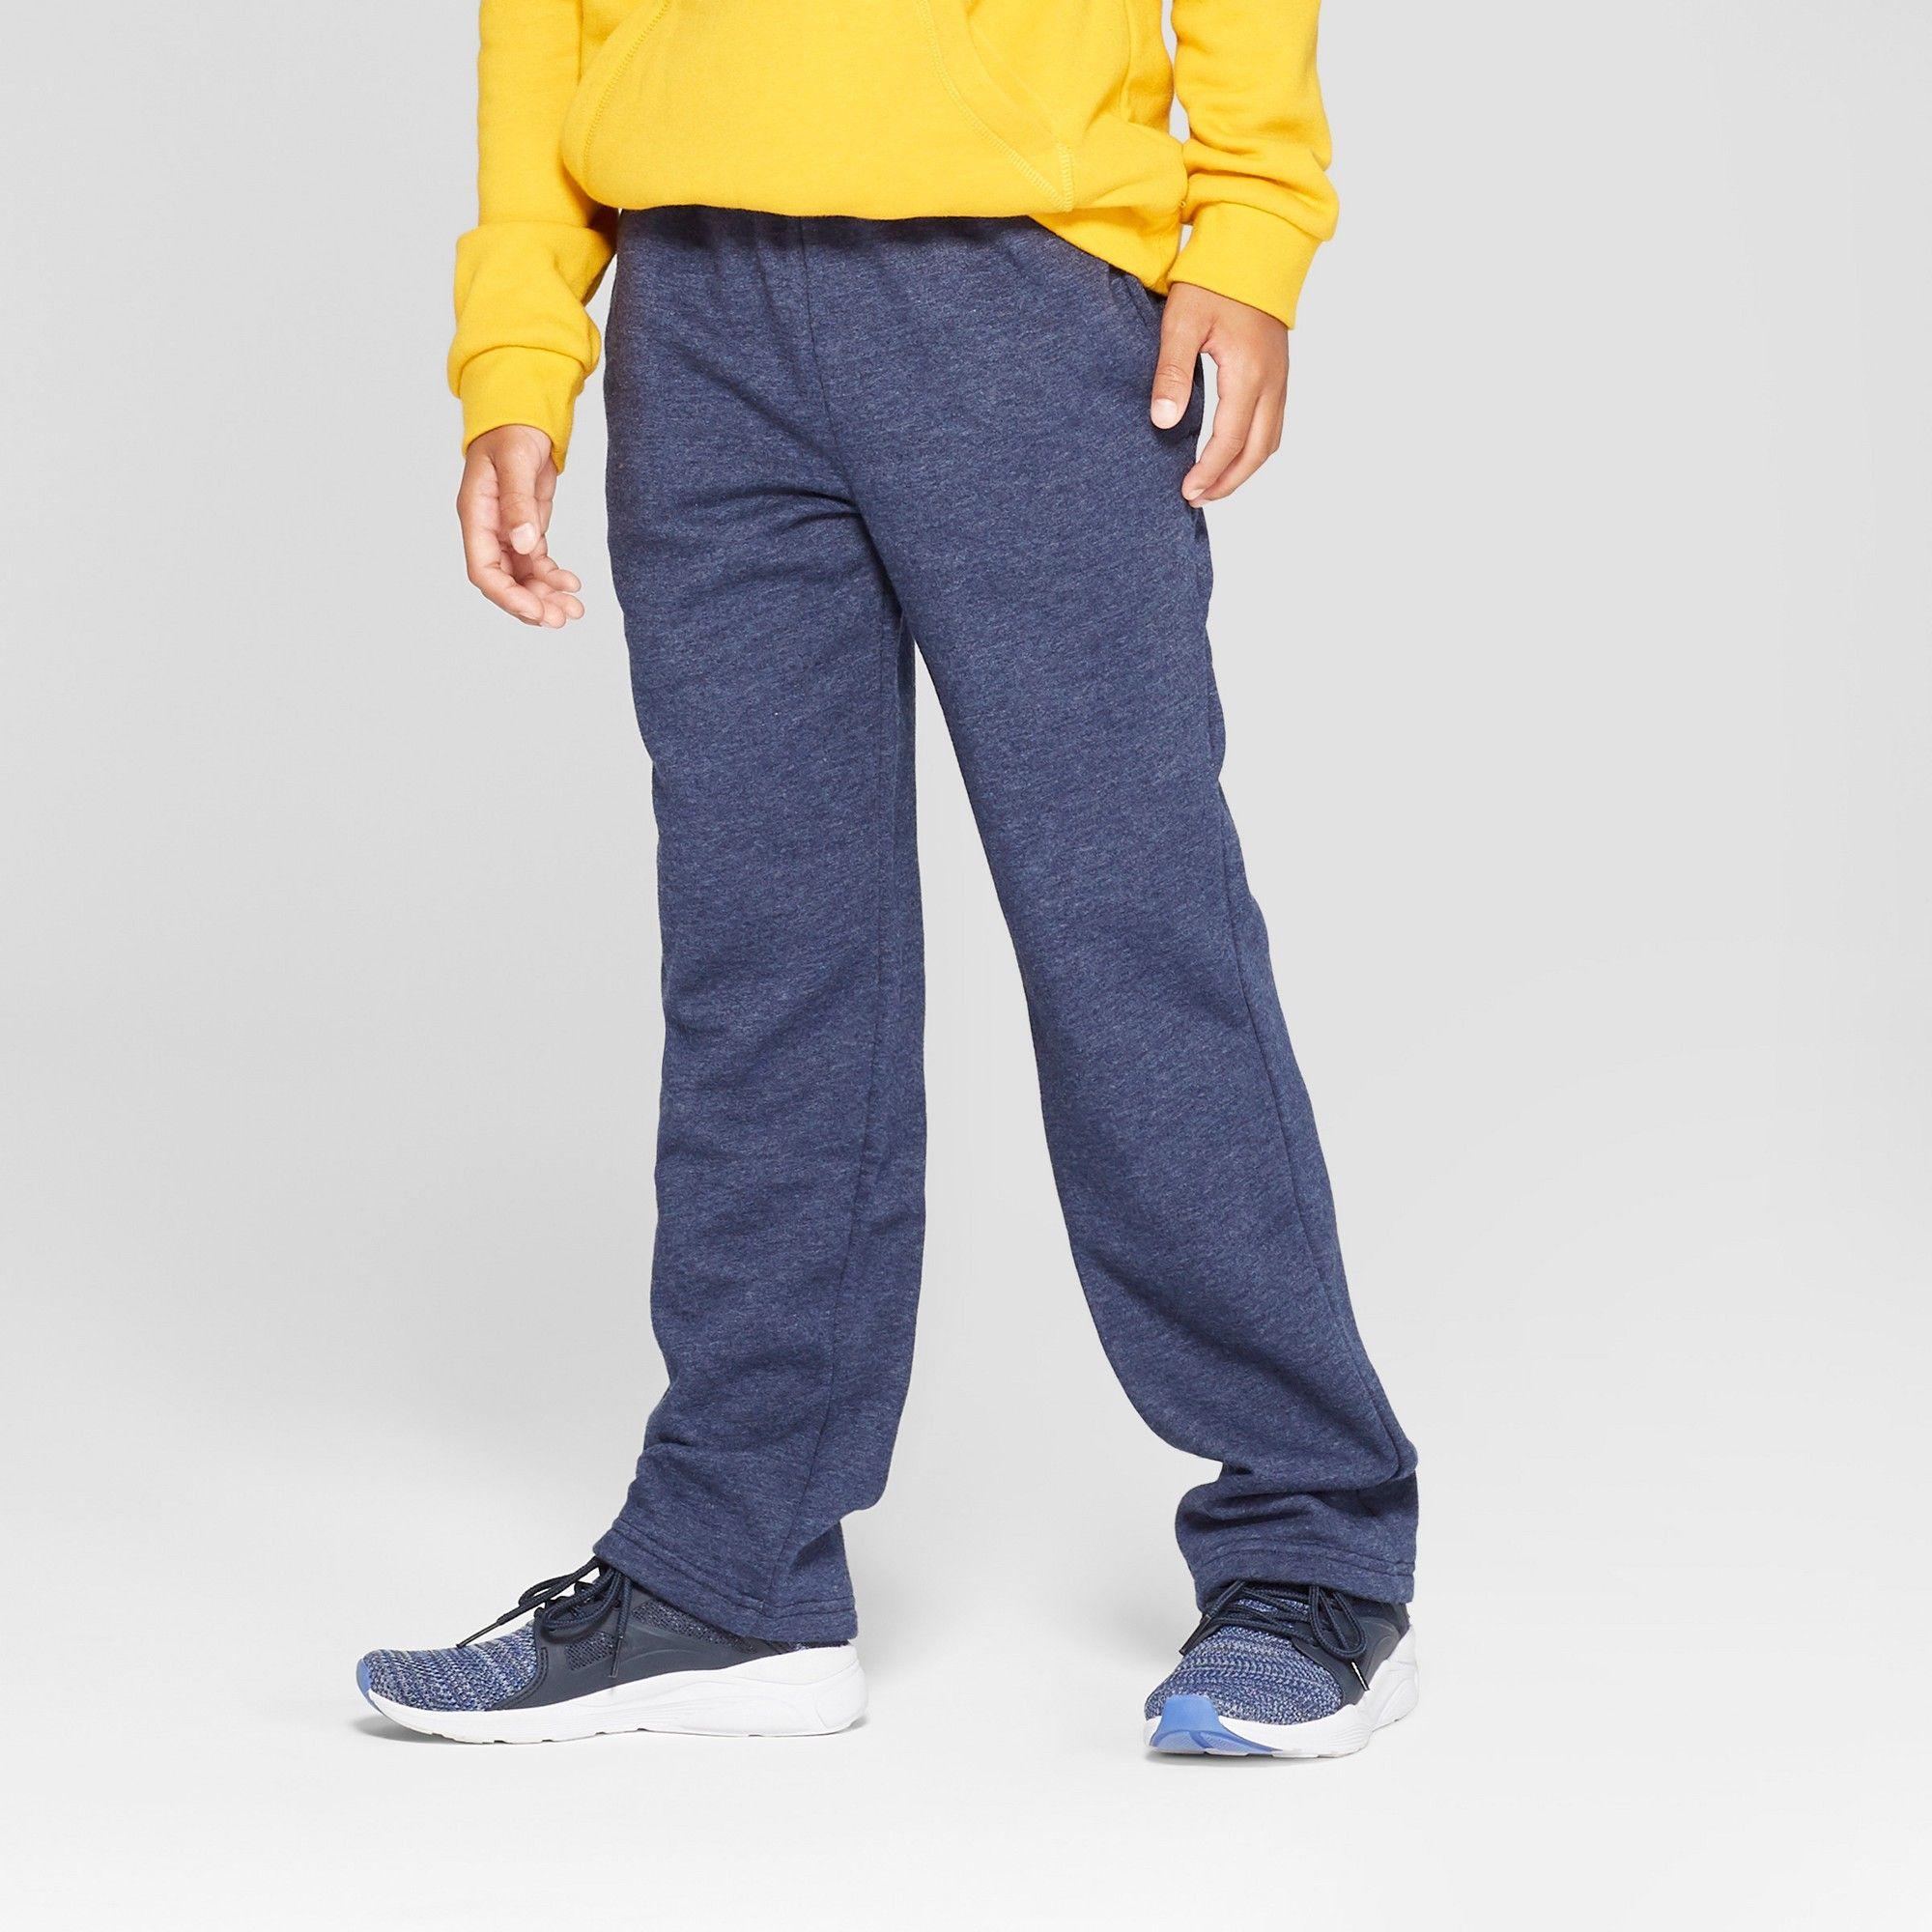 526dc95aa7e Boys  Sweatpants - Cat   Jack Navy (Blue) Xxl